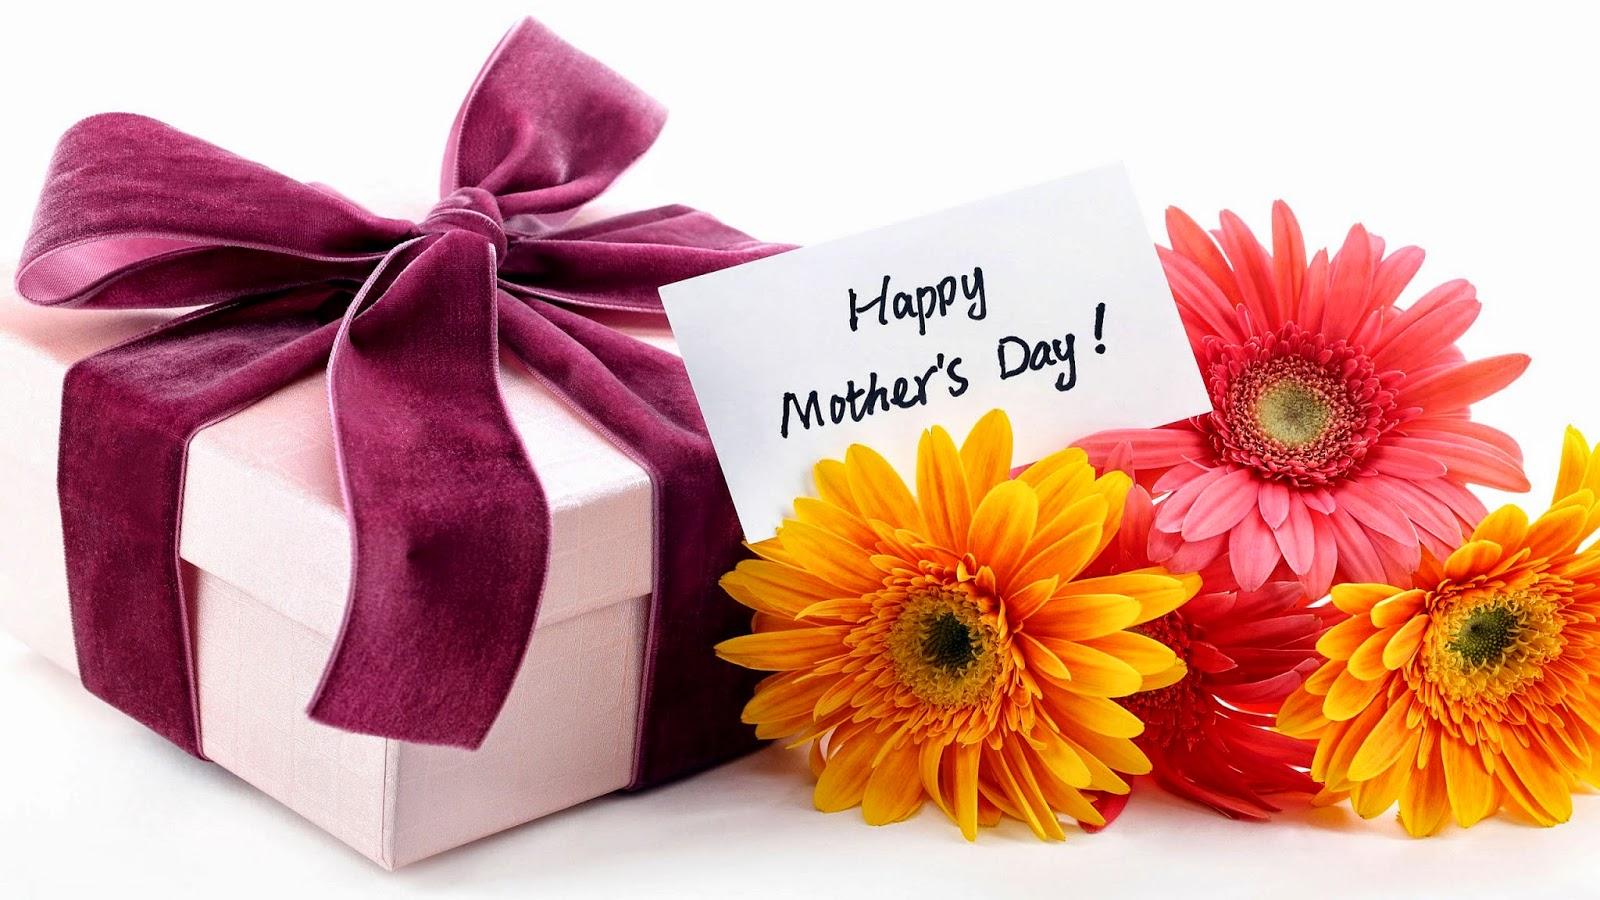 čestitke za majčin dan 2560x1440 Pozadine za desktop: Čestitka za majčin dan uz cvijeće i  čestitke za majčin dan